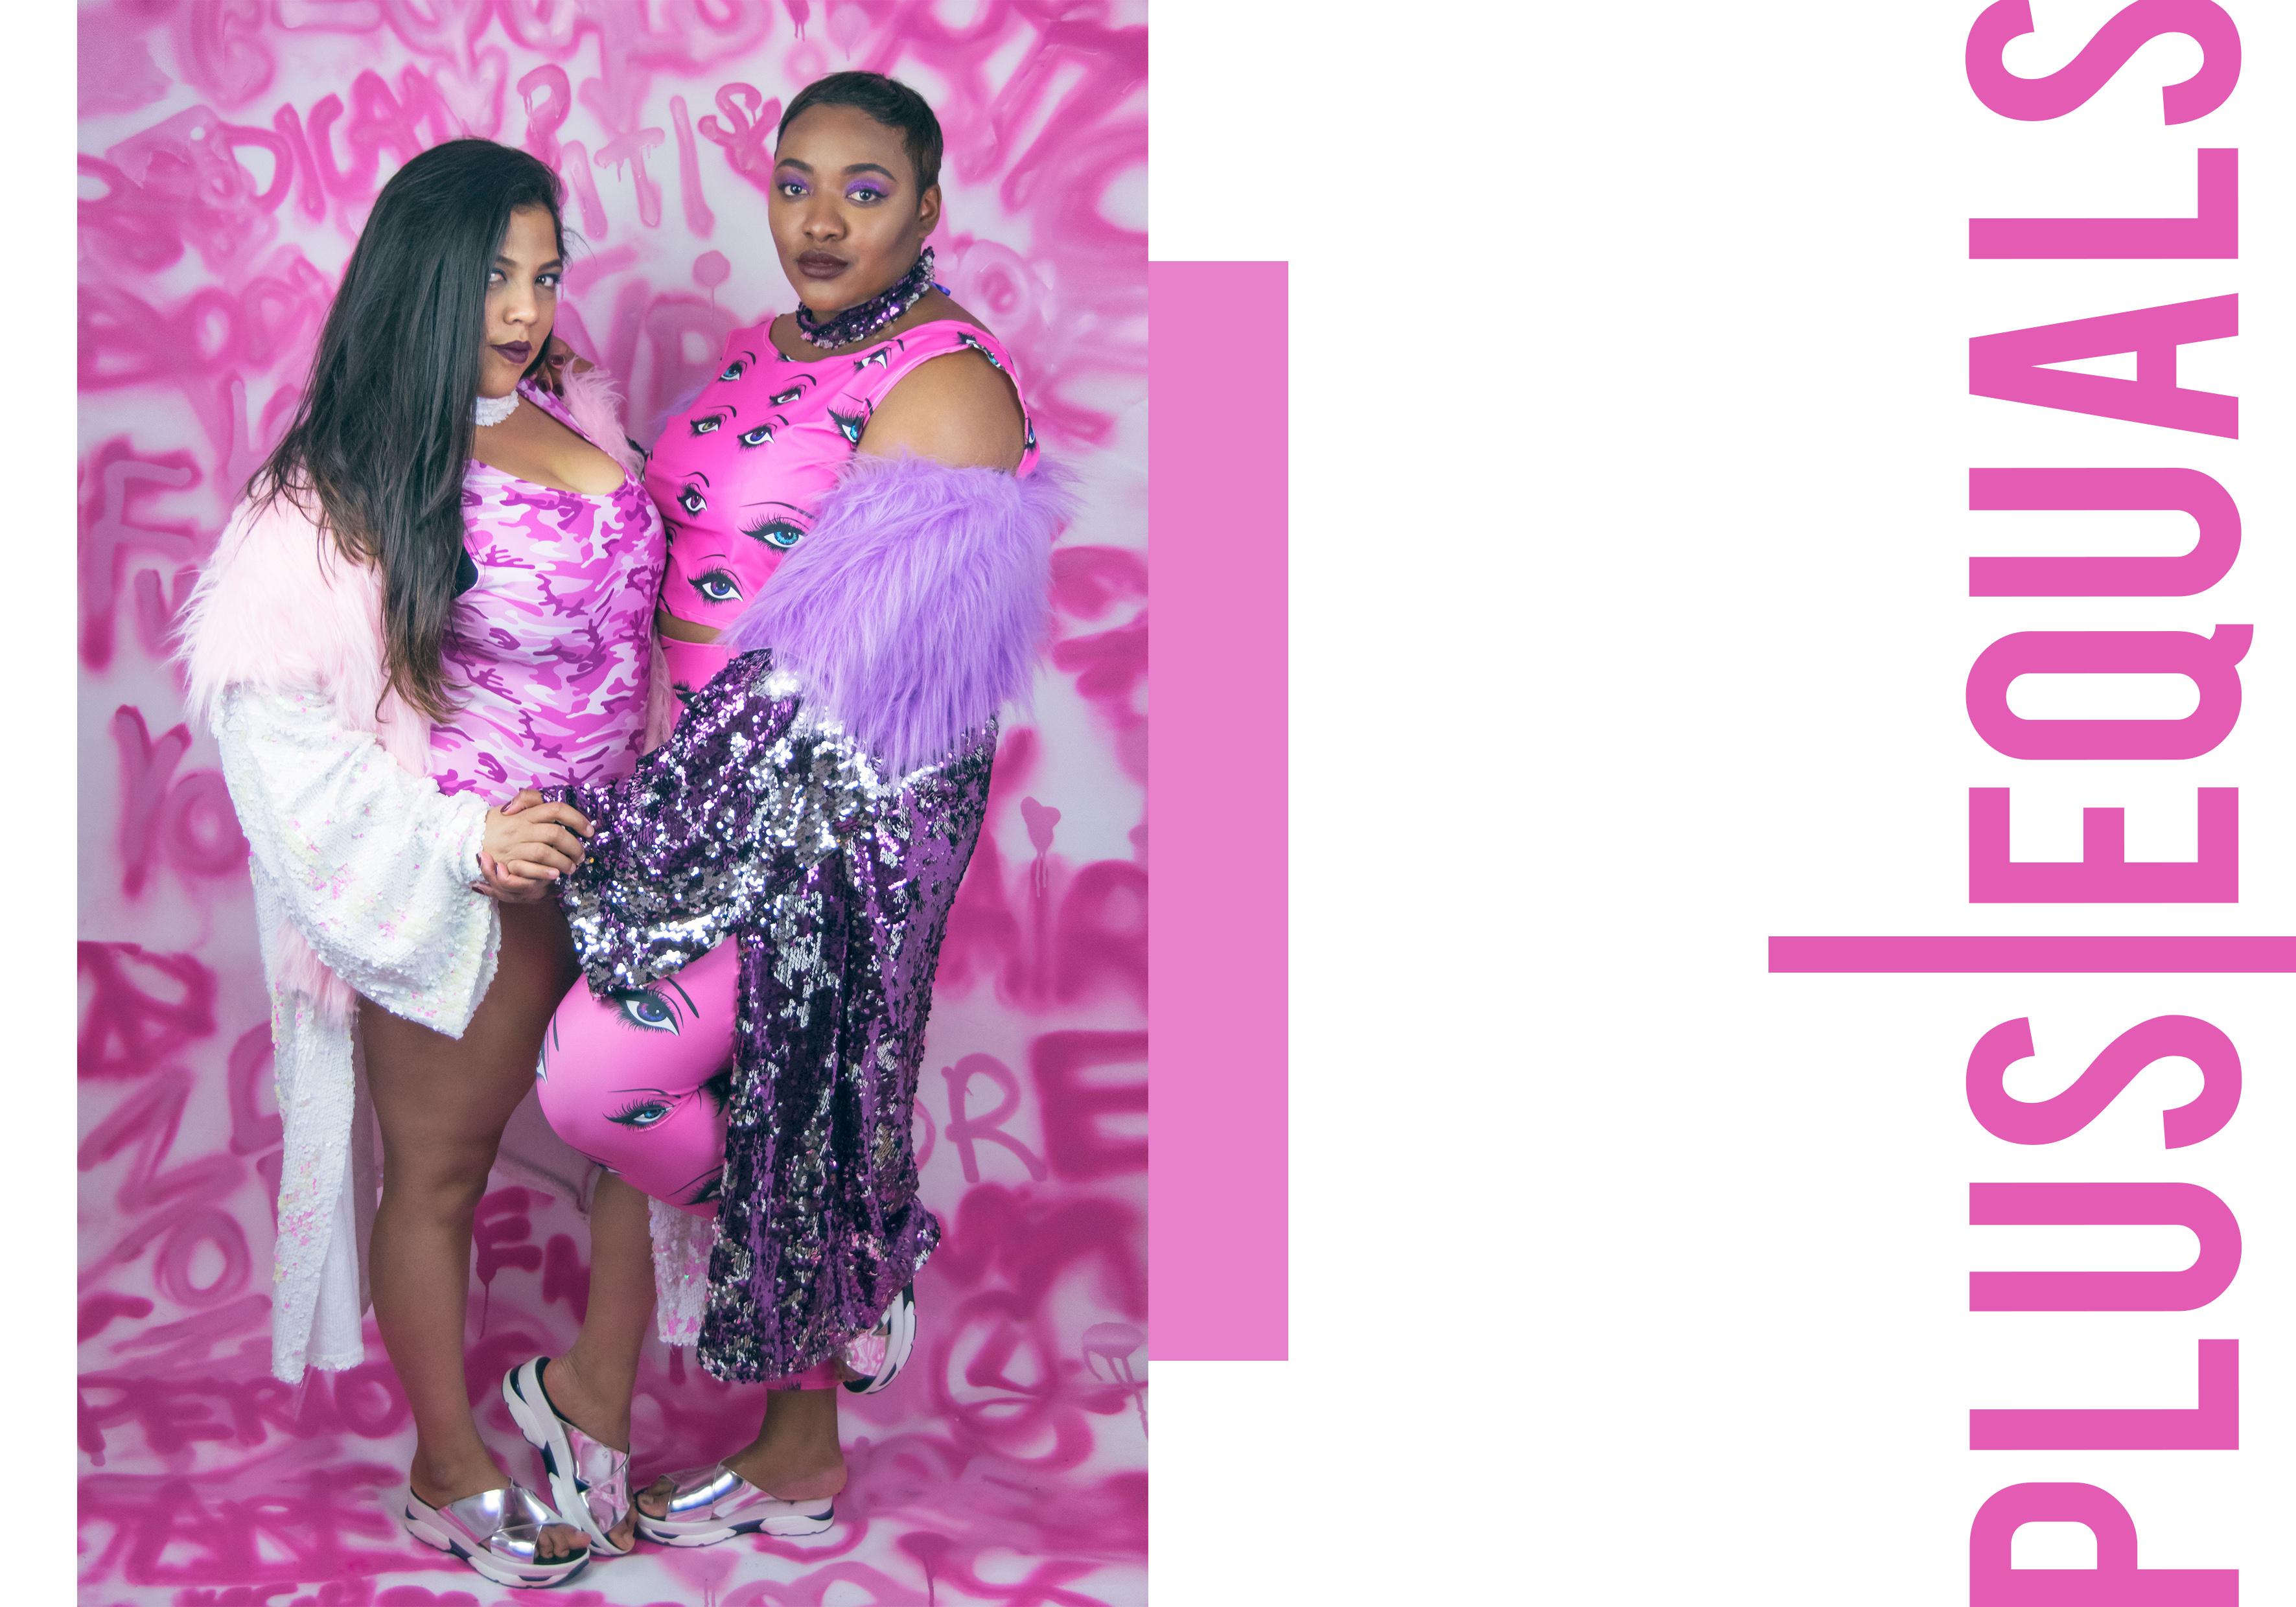 plus-equals-launch-november-30th-plus-size-fashion-lottie-lamour-exclusive-blog